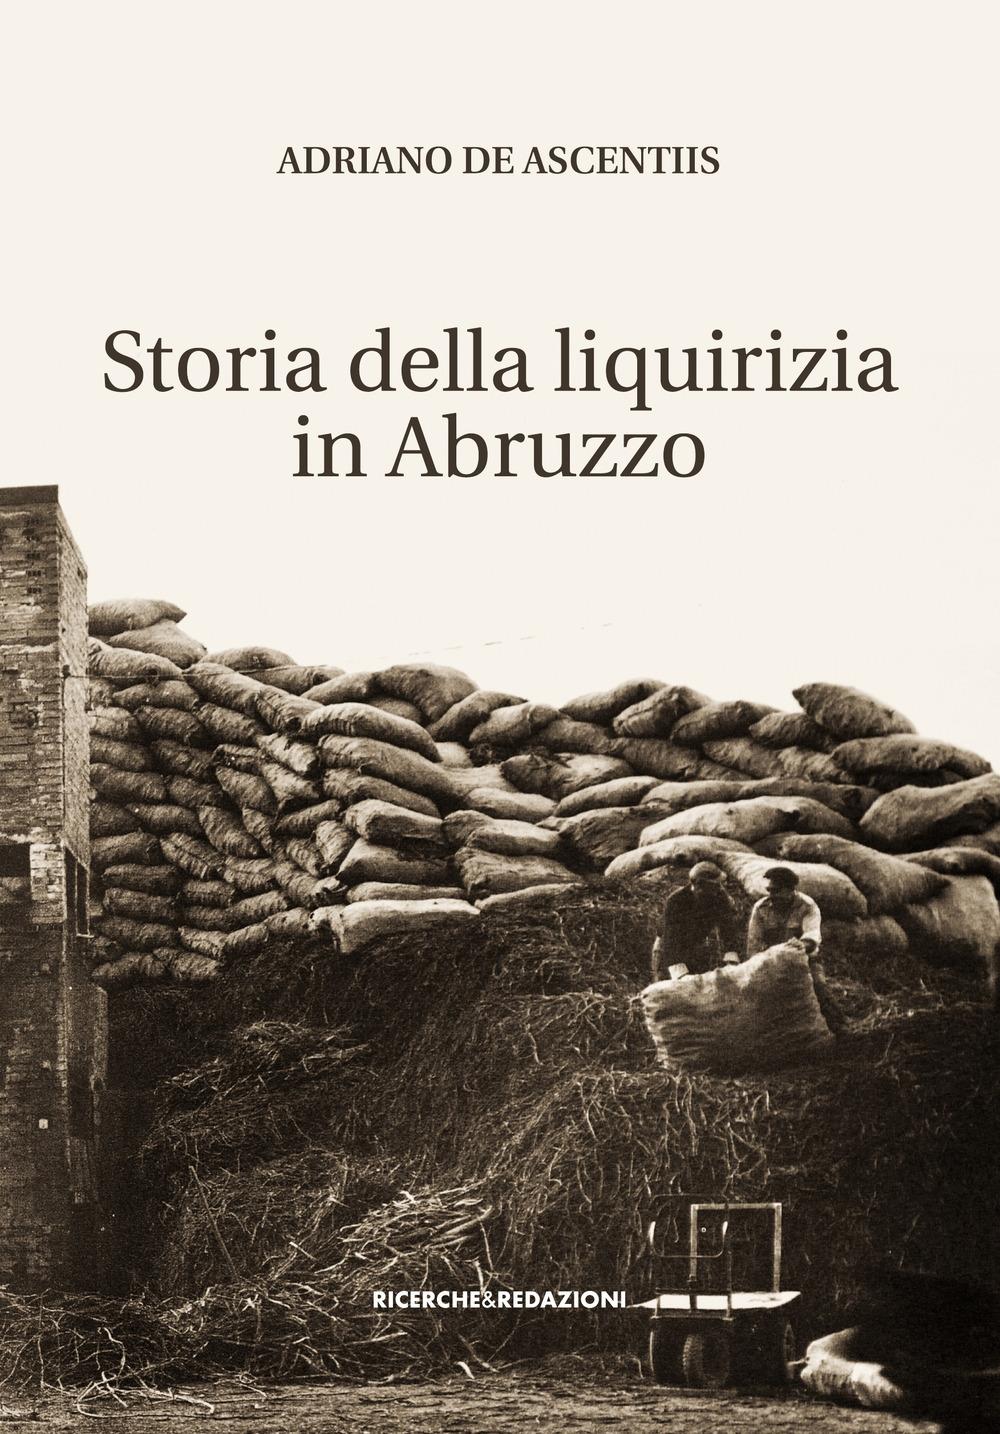 Storia della liquirizia in Abruzzo